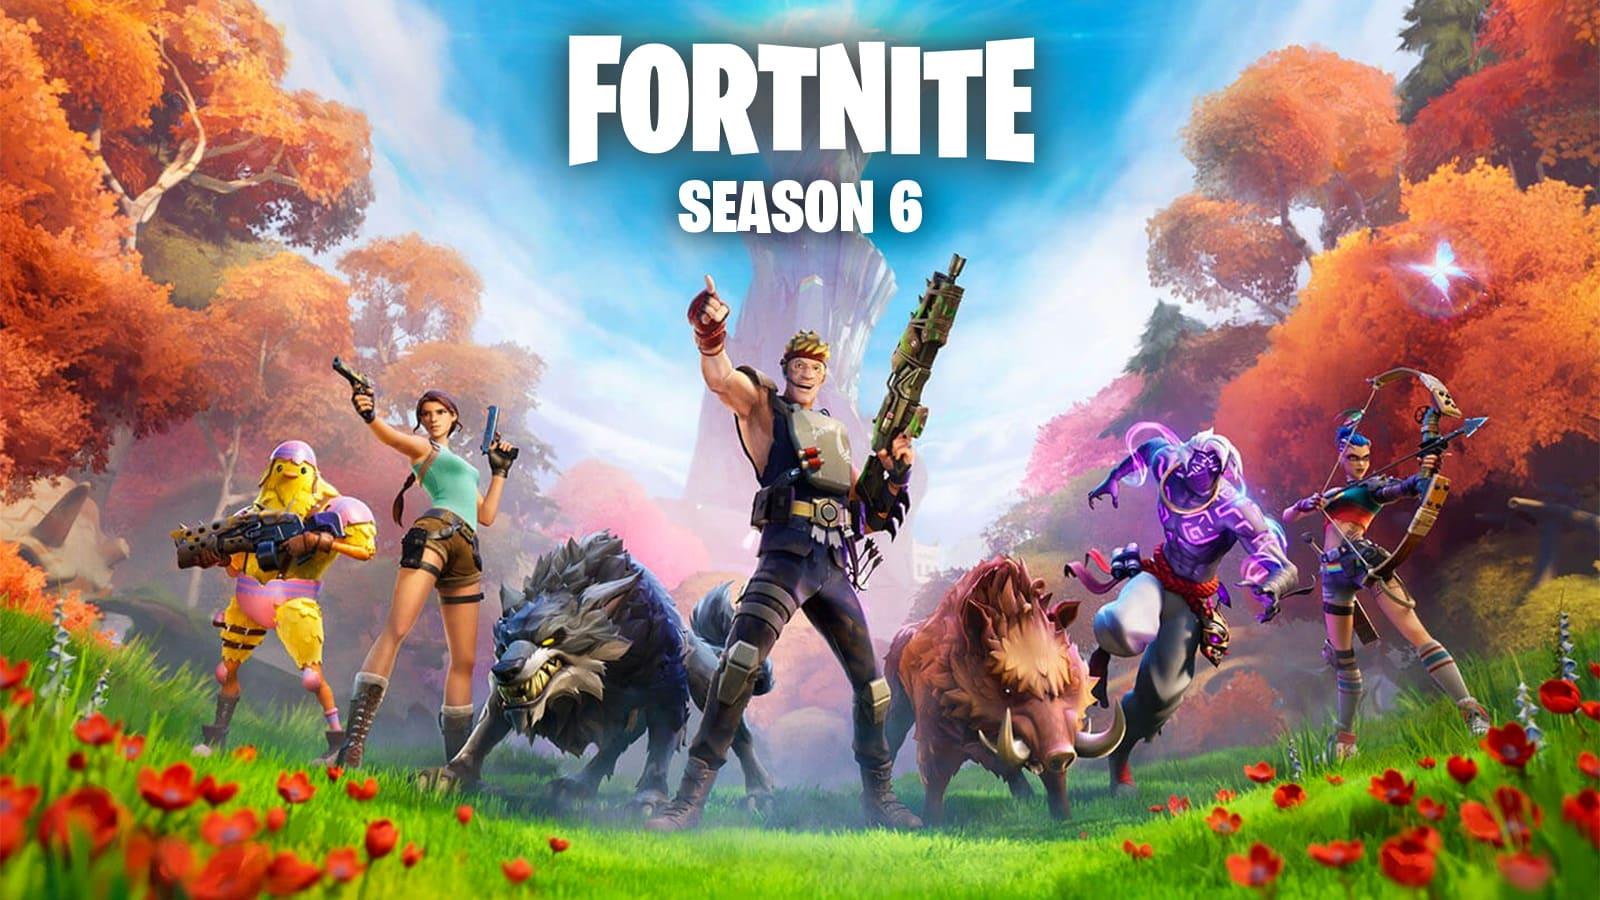 Fortnite Chapter 2 season 6guide